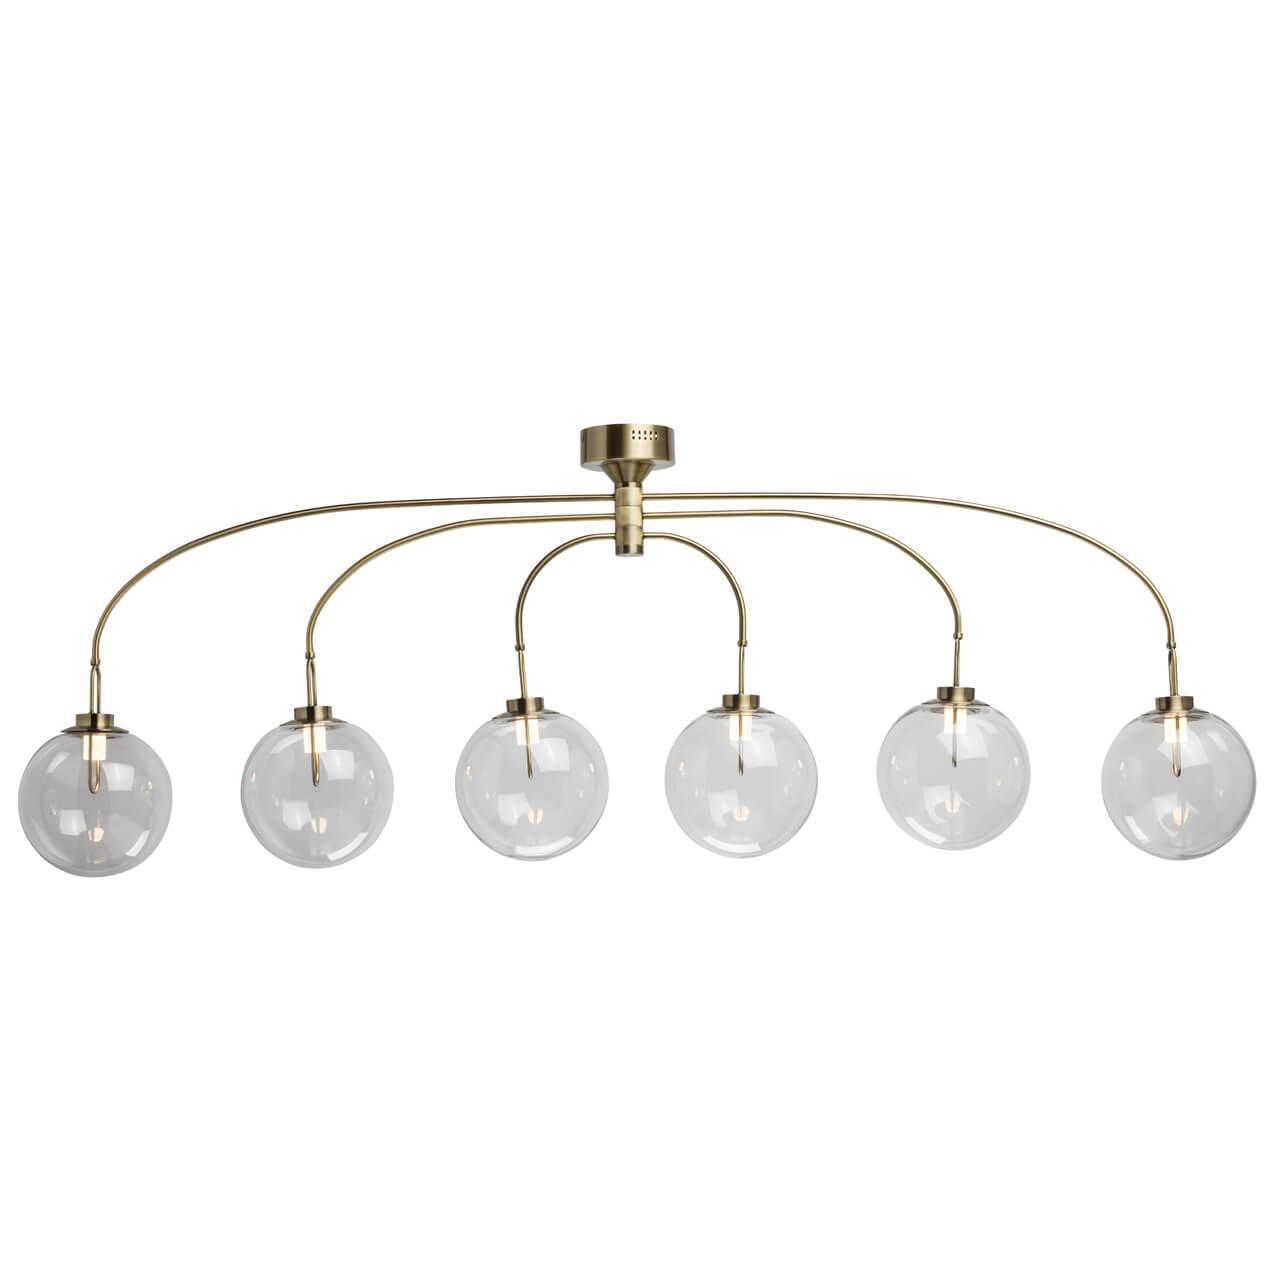 Подвесная светодиодная люстра De Markt Крайс 5 657011606 настольная лампа de markt крайс 657030301